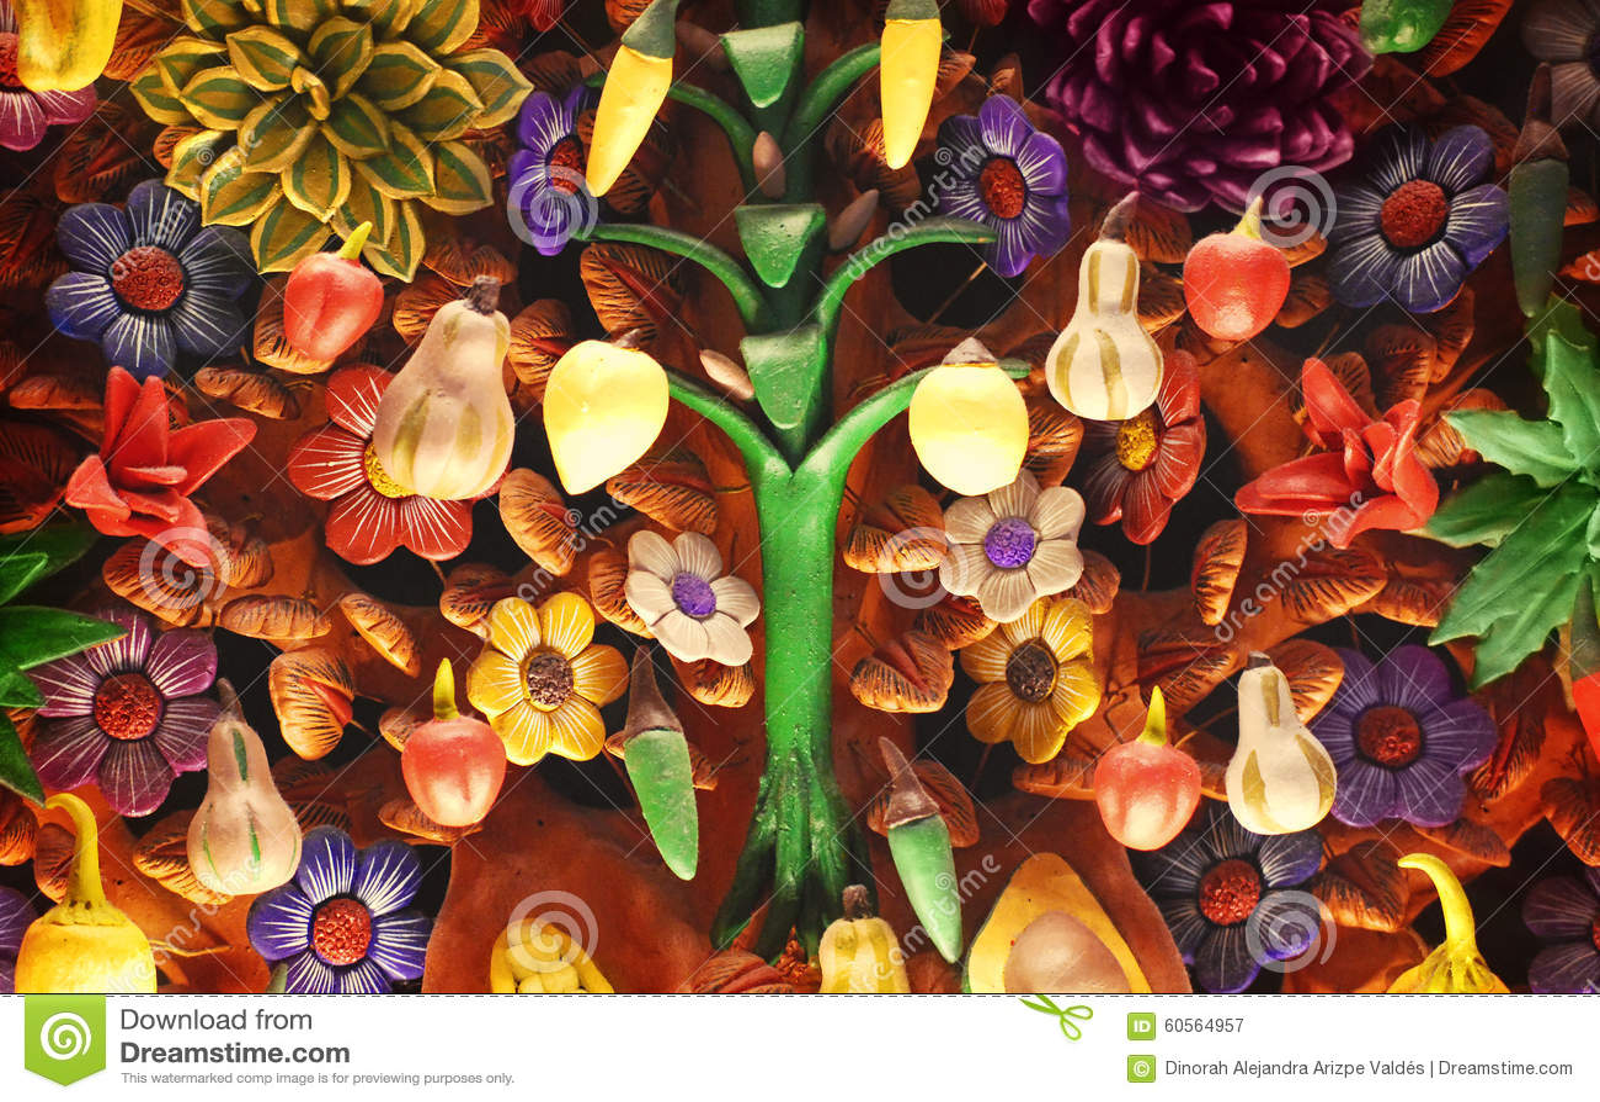 Meksykański drzewo życie